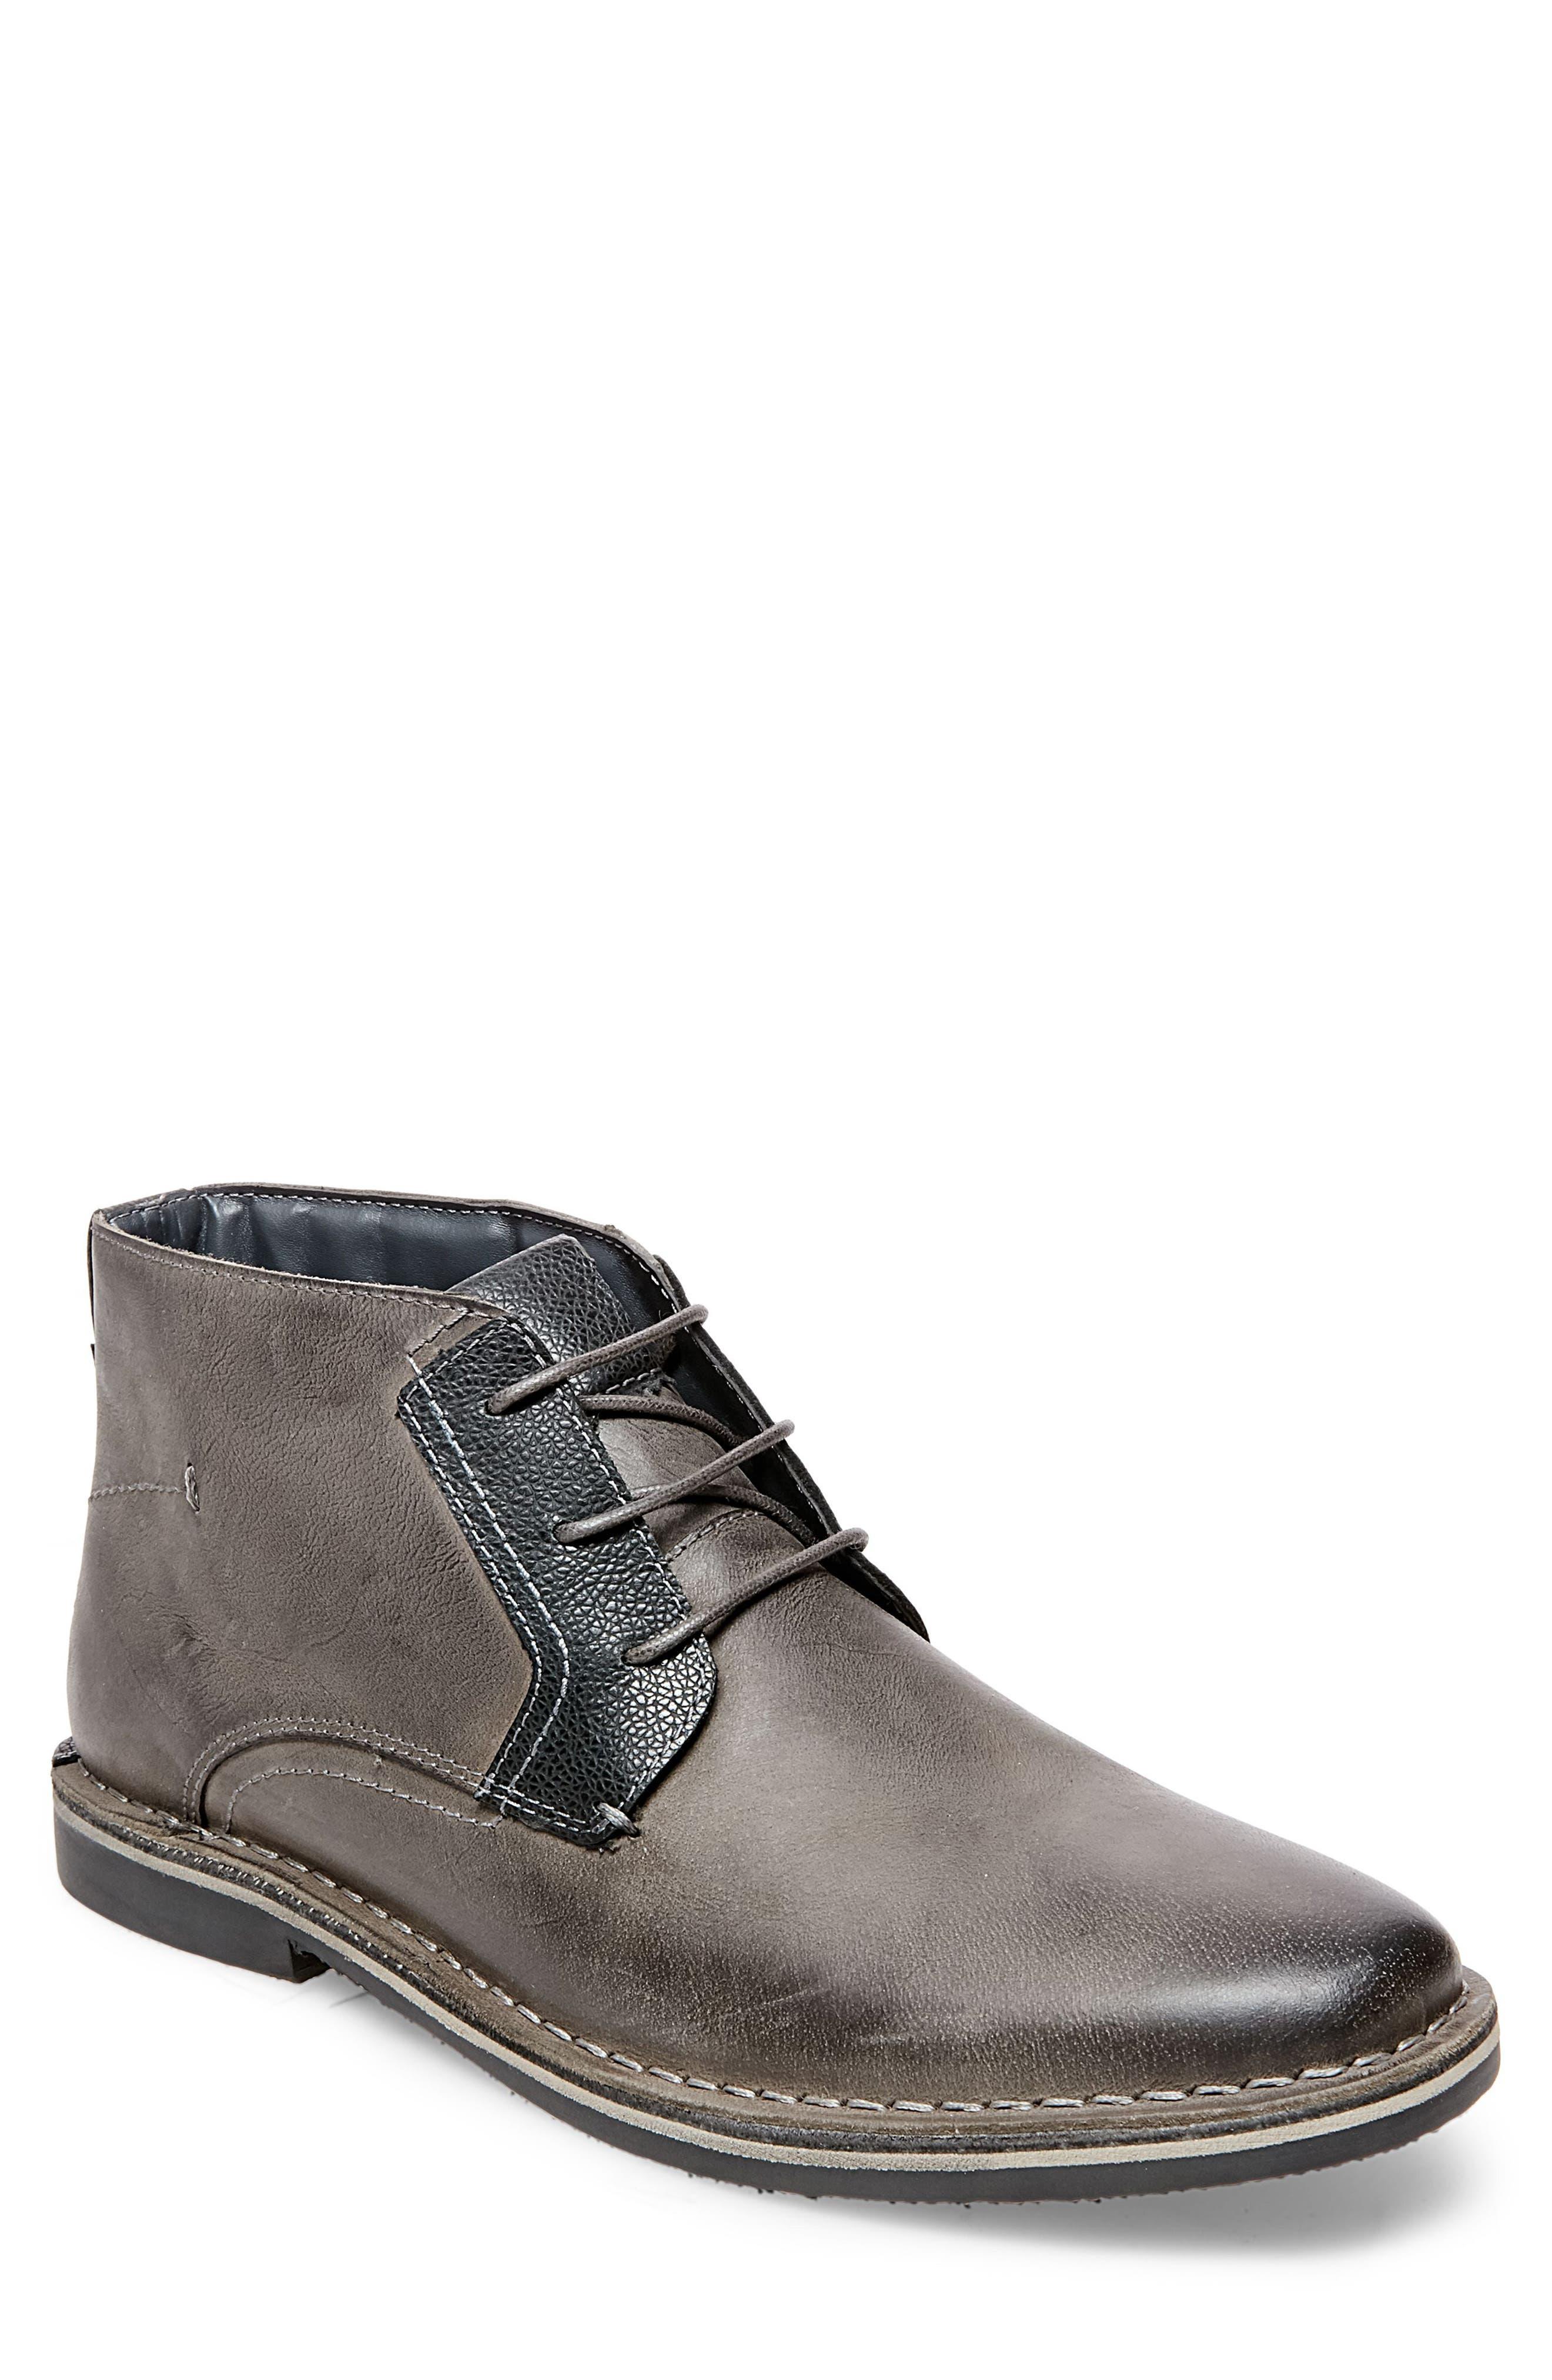 Men's Herrin Chukka Boot